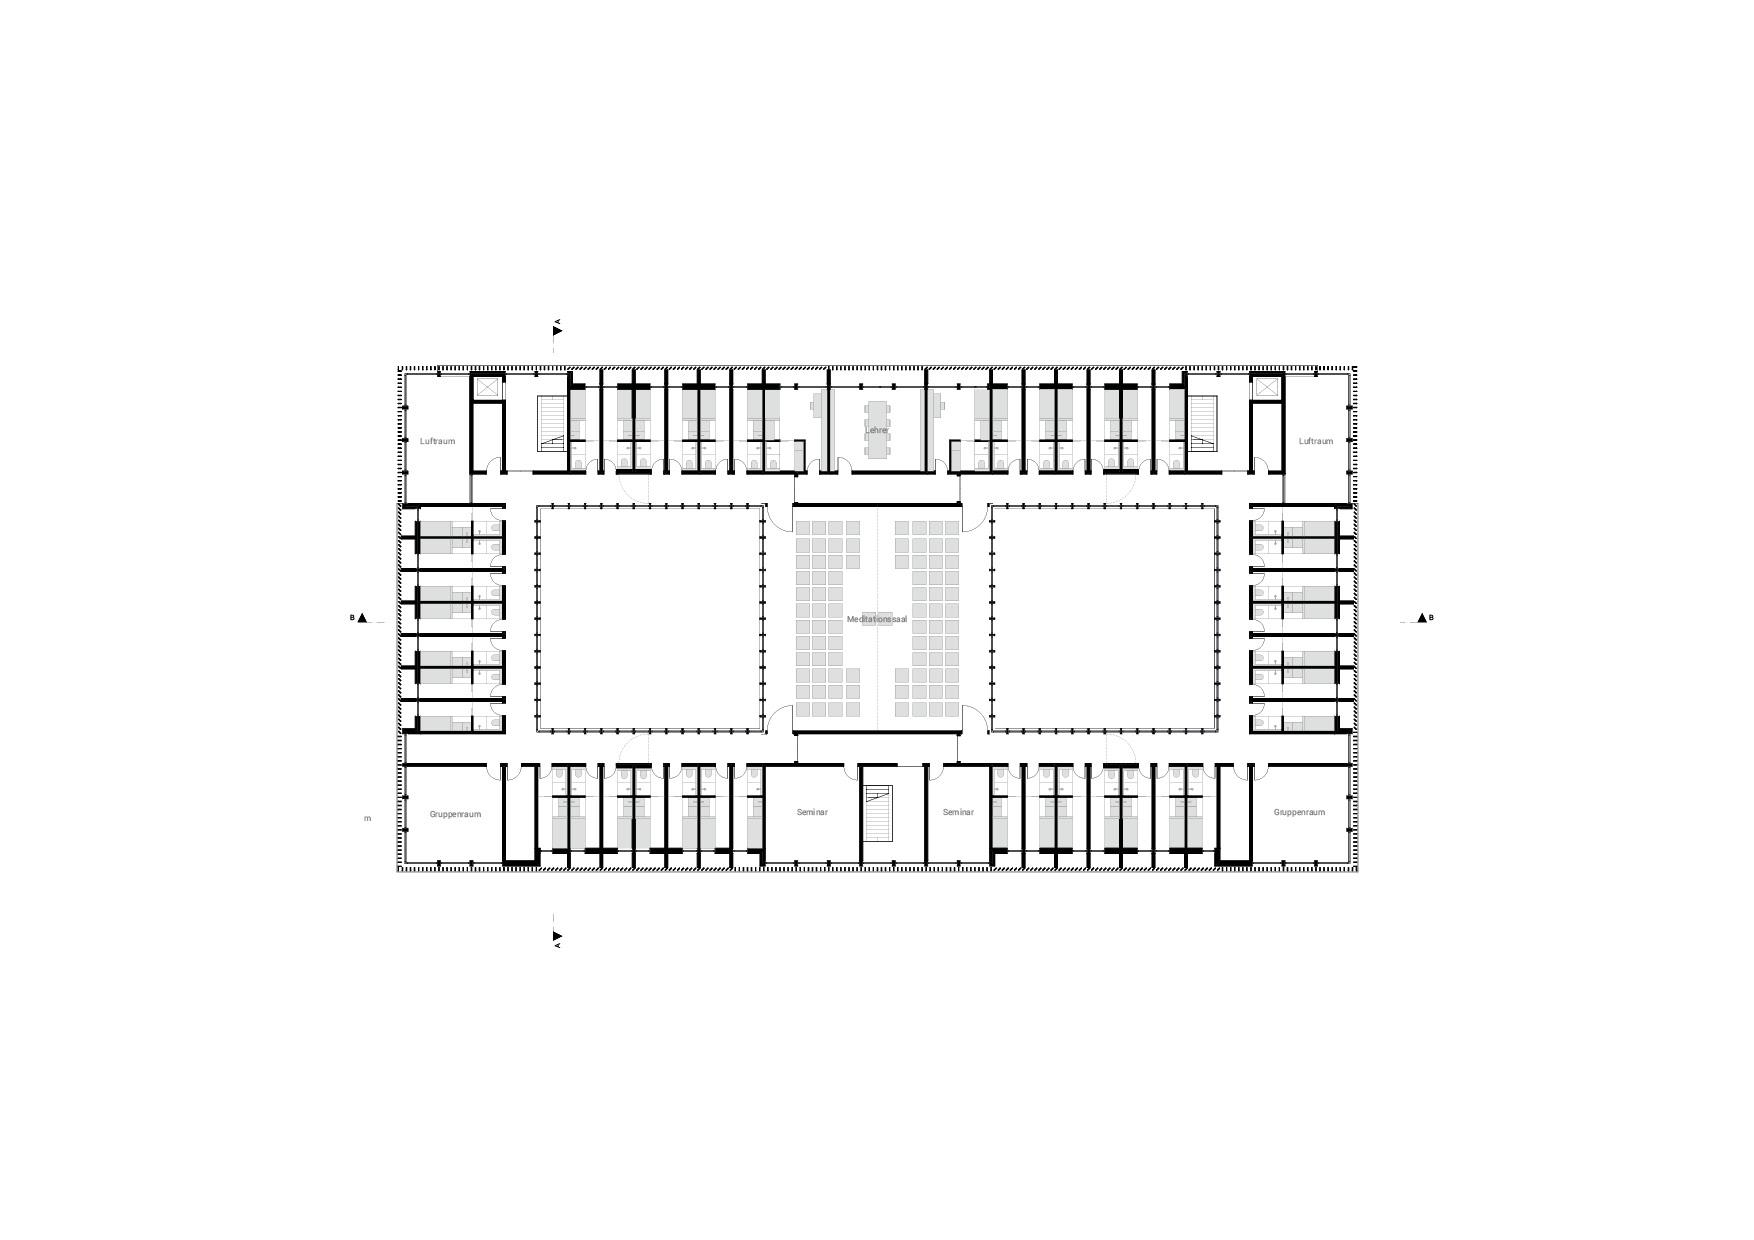 KUBIK Architektur - Studio für Architektur Berlin - architecture - Projekt - Meditationszentrum - Obergeschoss